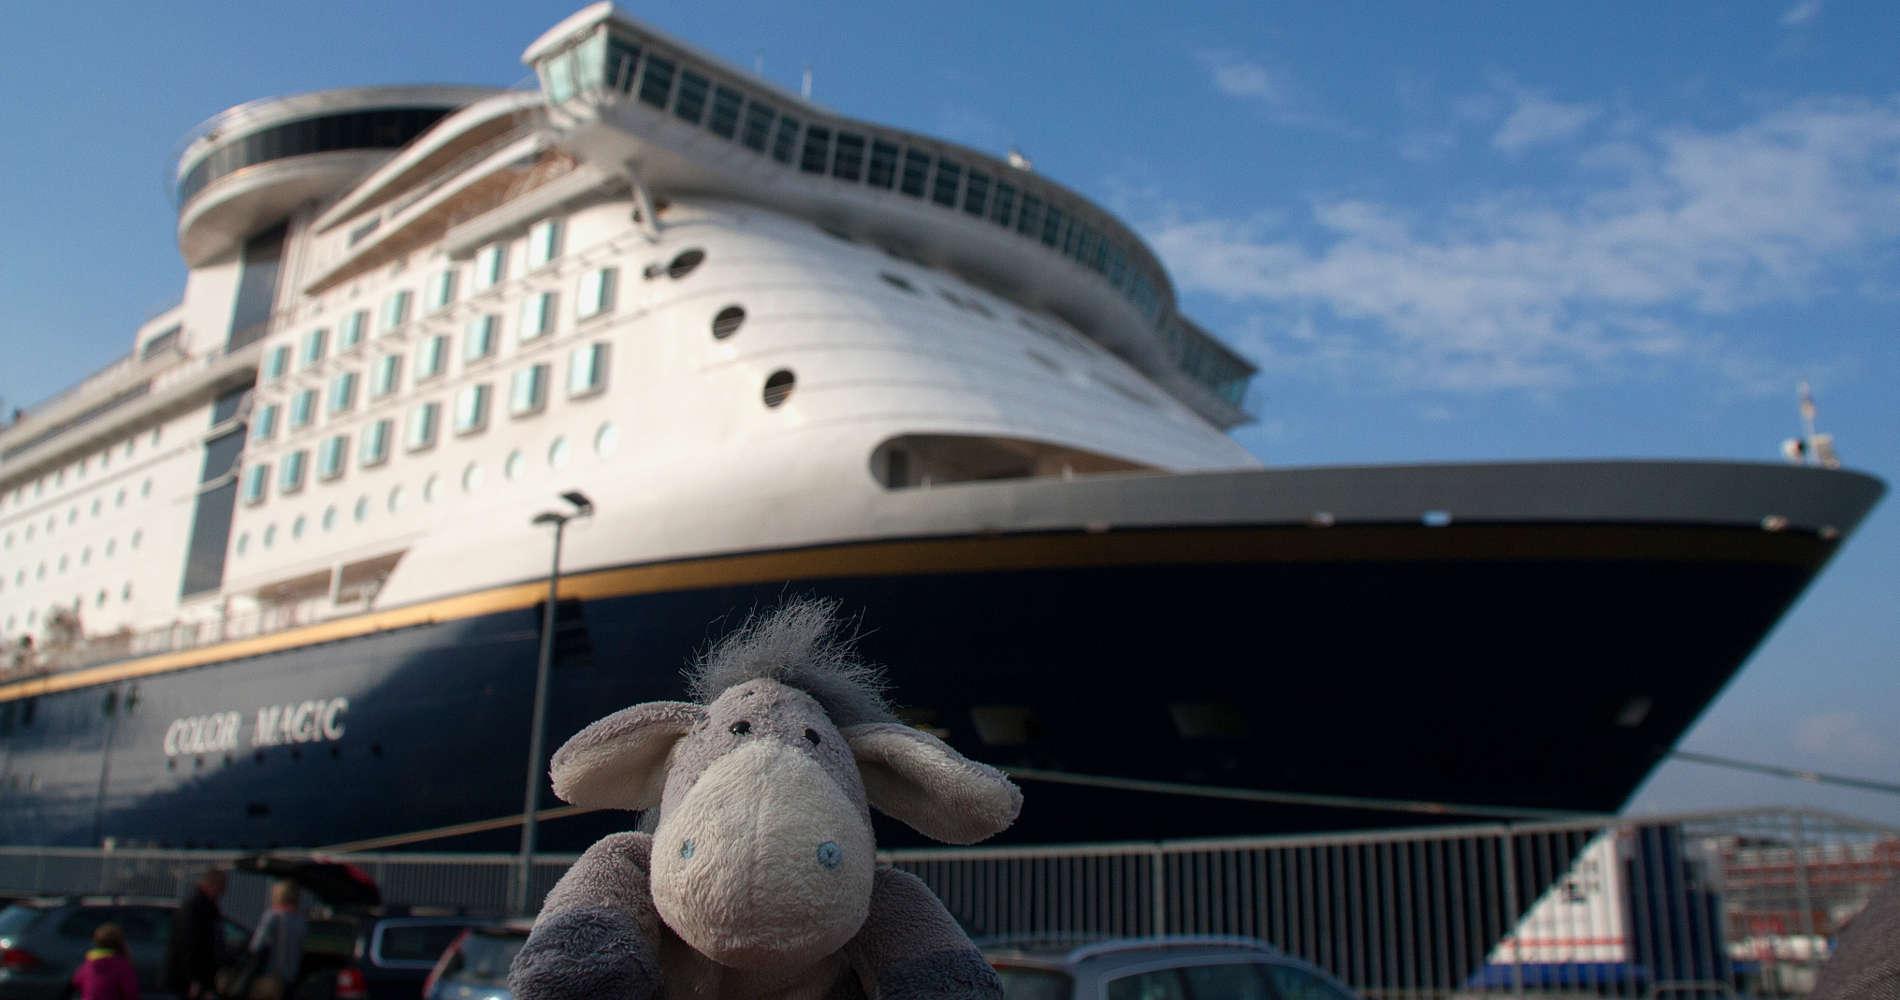 Der Esel am Norwegenkai in Kiel vor der Color Magic